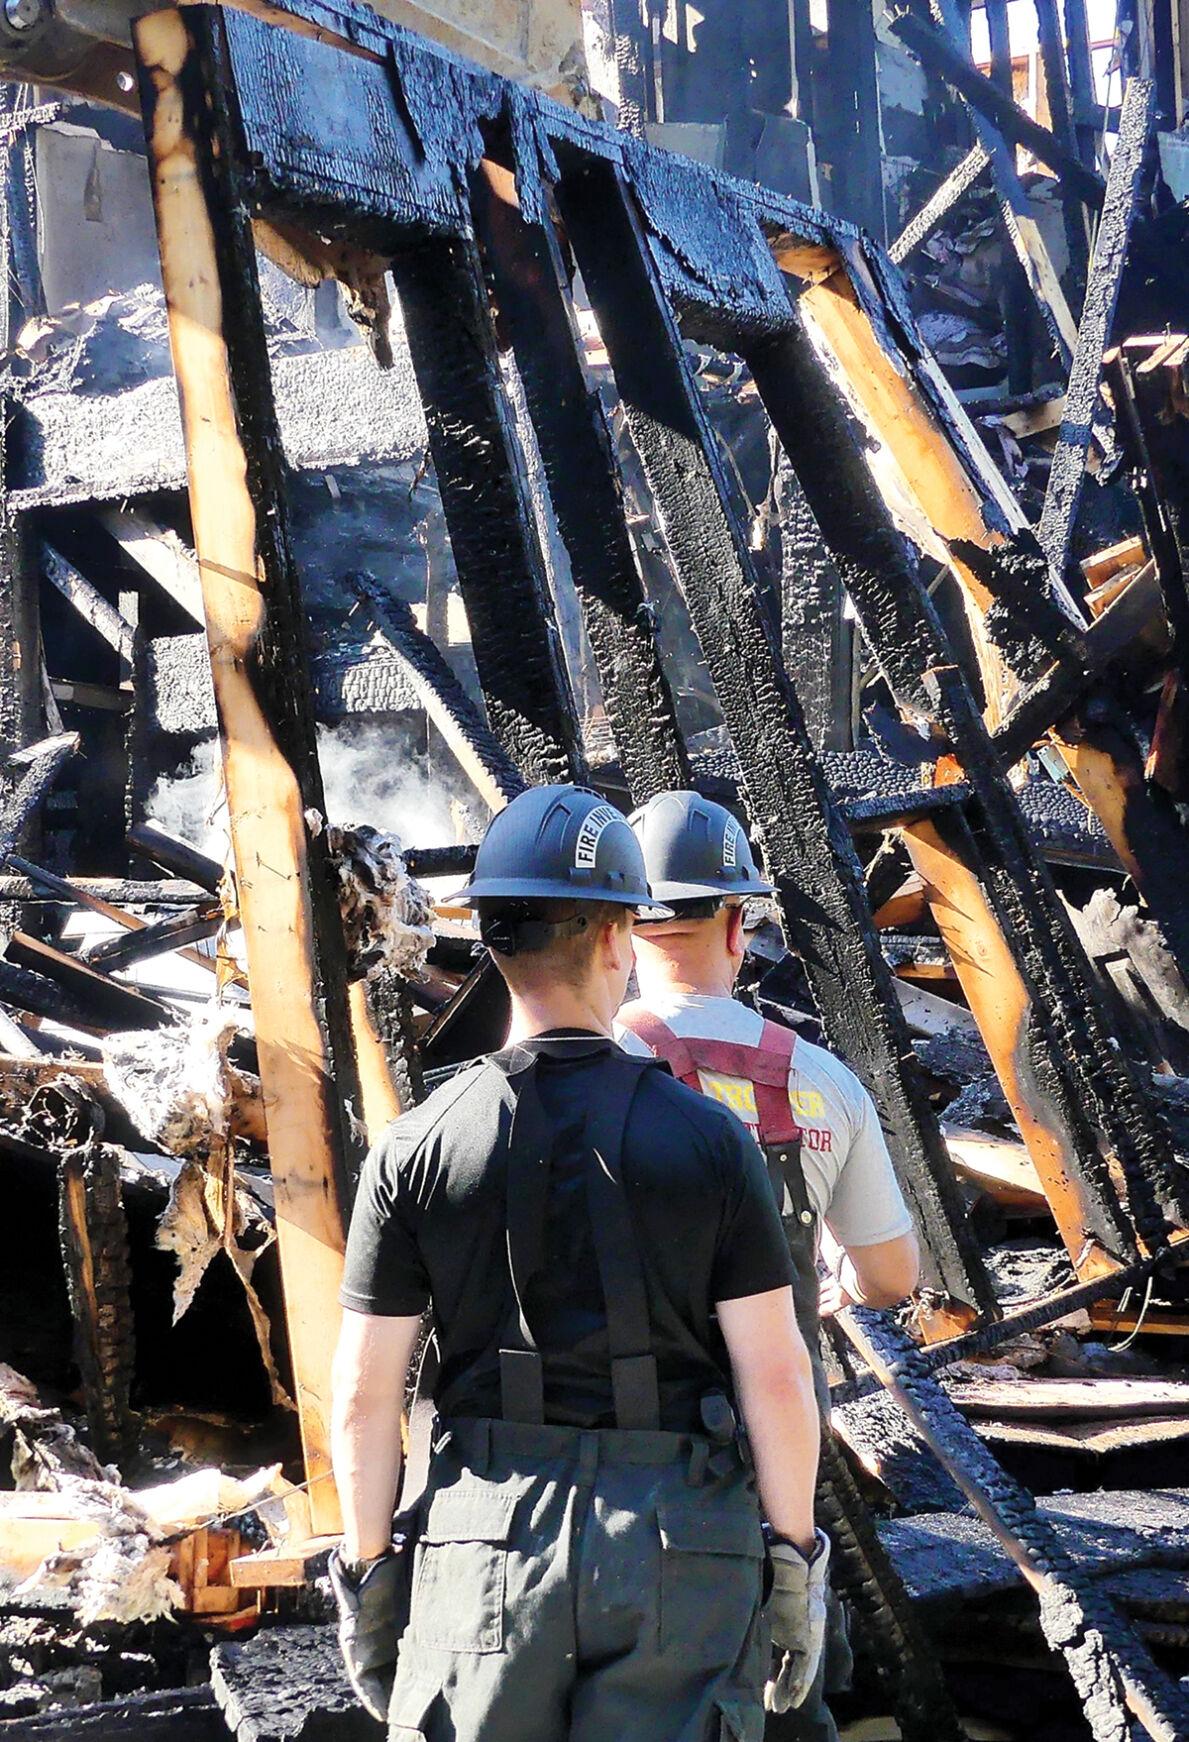 Fire investigators on scene